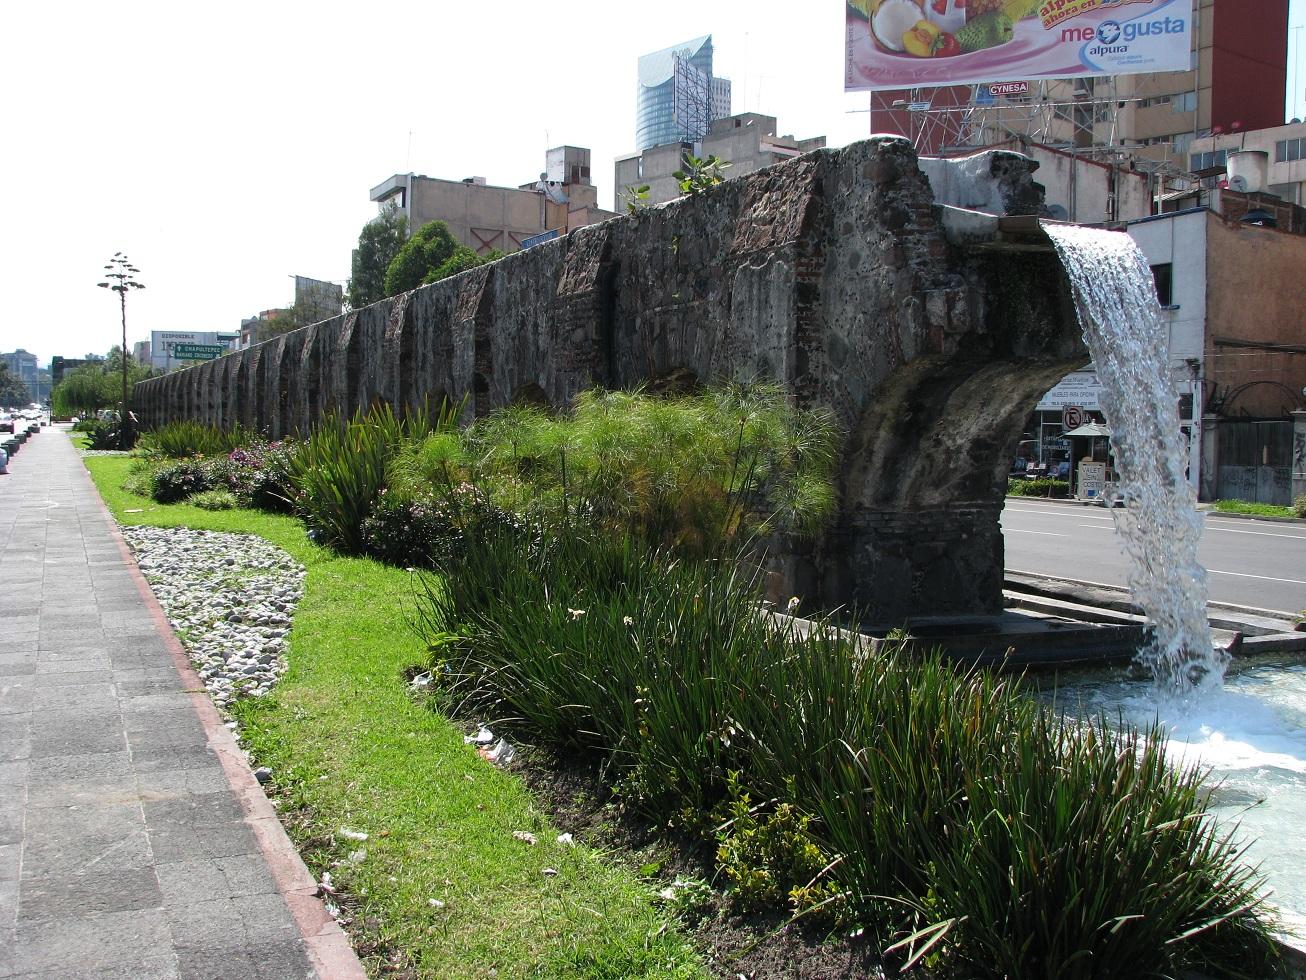 Vista del acueducto de Chapultepec en la CDMX